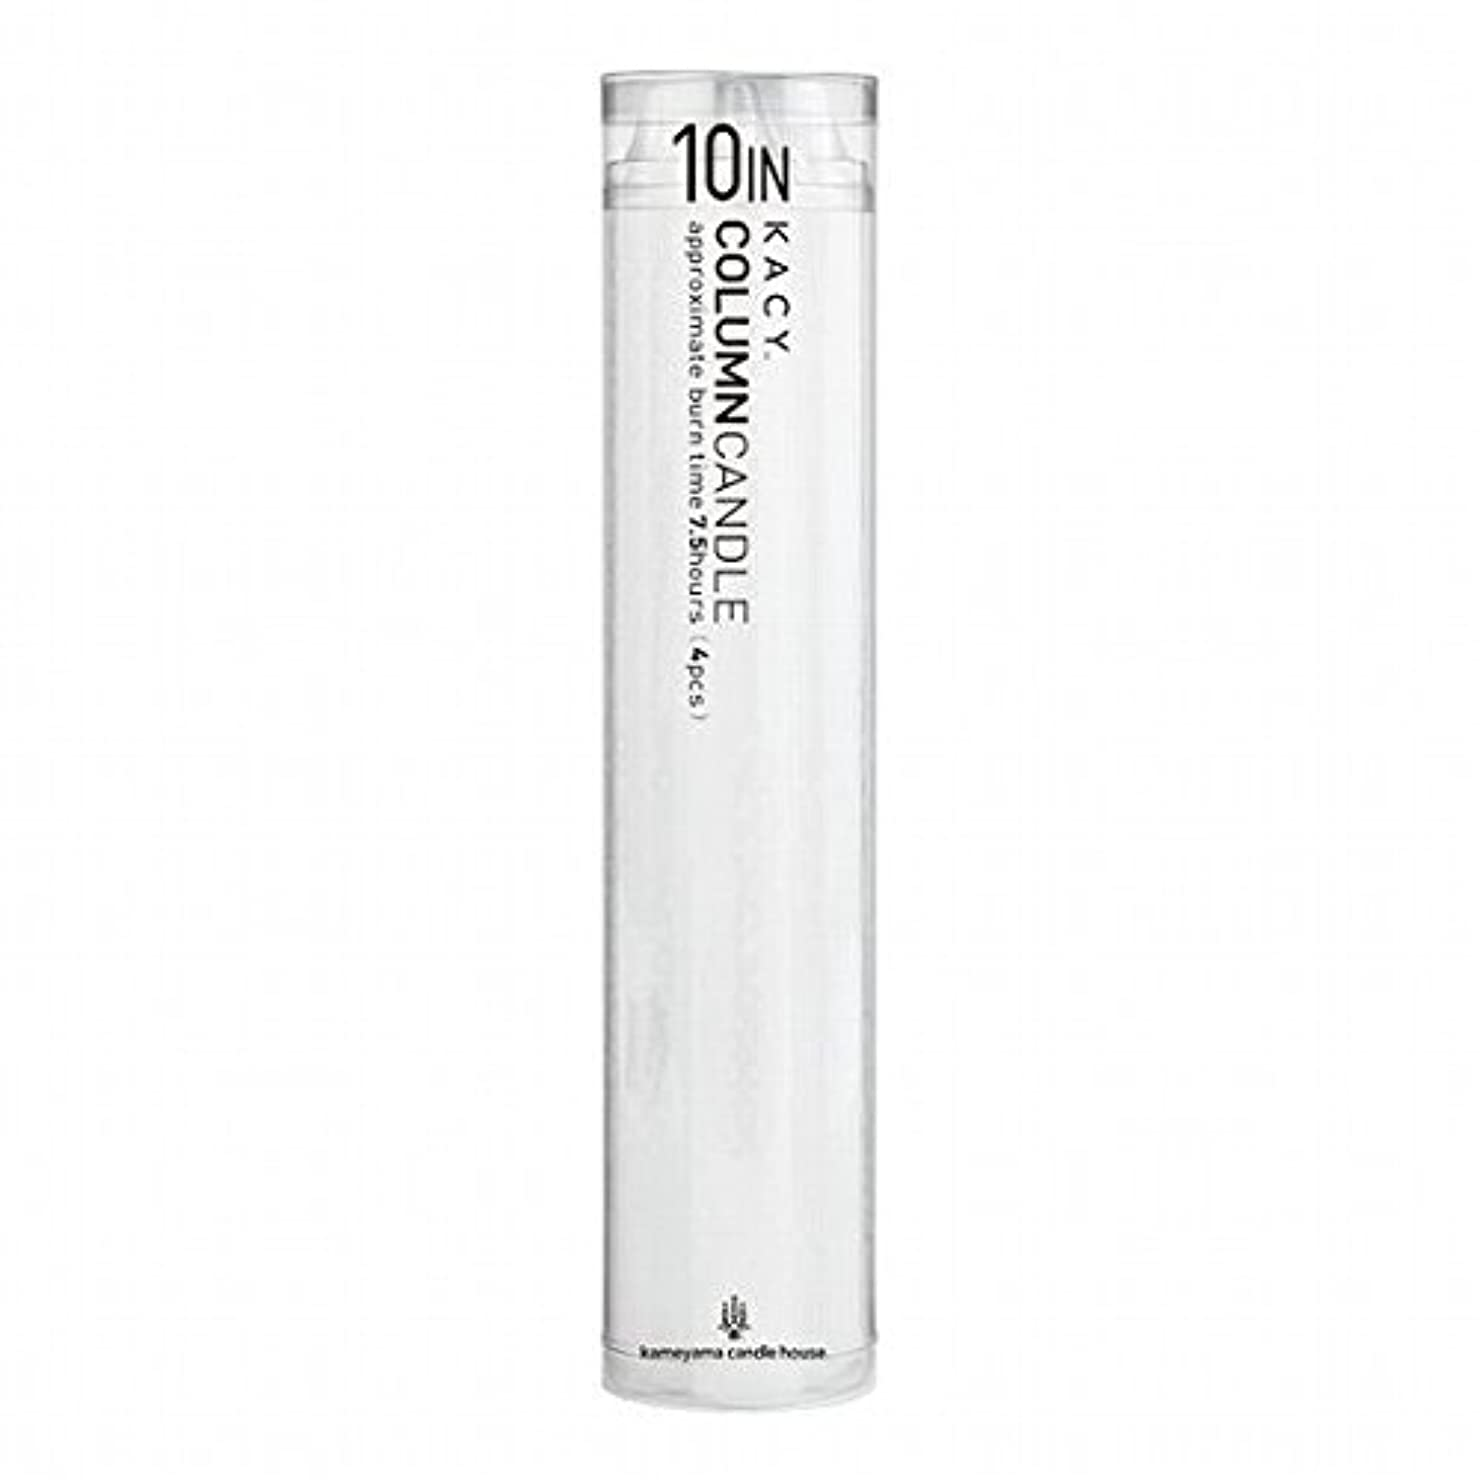 グローバル取り出すそこからkameyama candle(カメヤマキャンドル) 10インチコラムキャンドル4本入り 「 ホワイト 」(A9123100W)